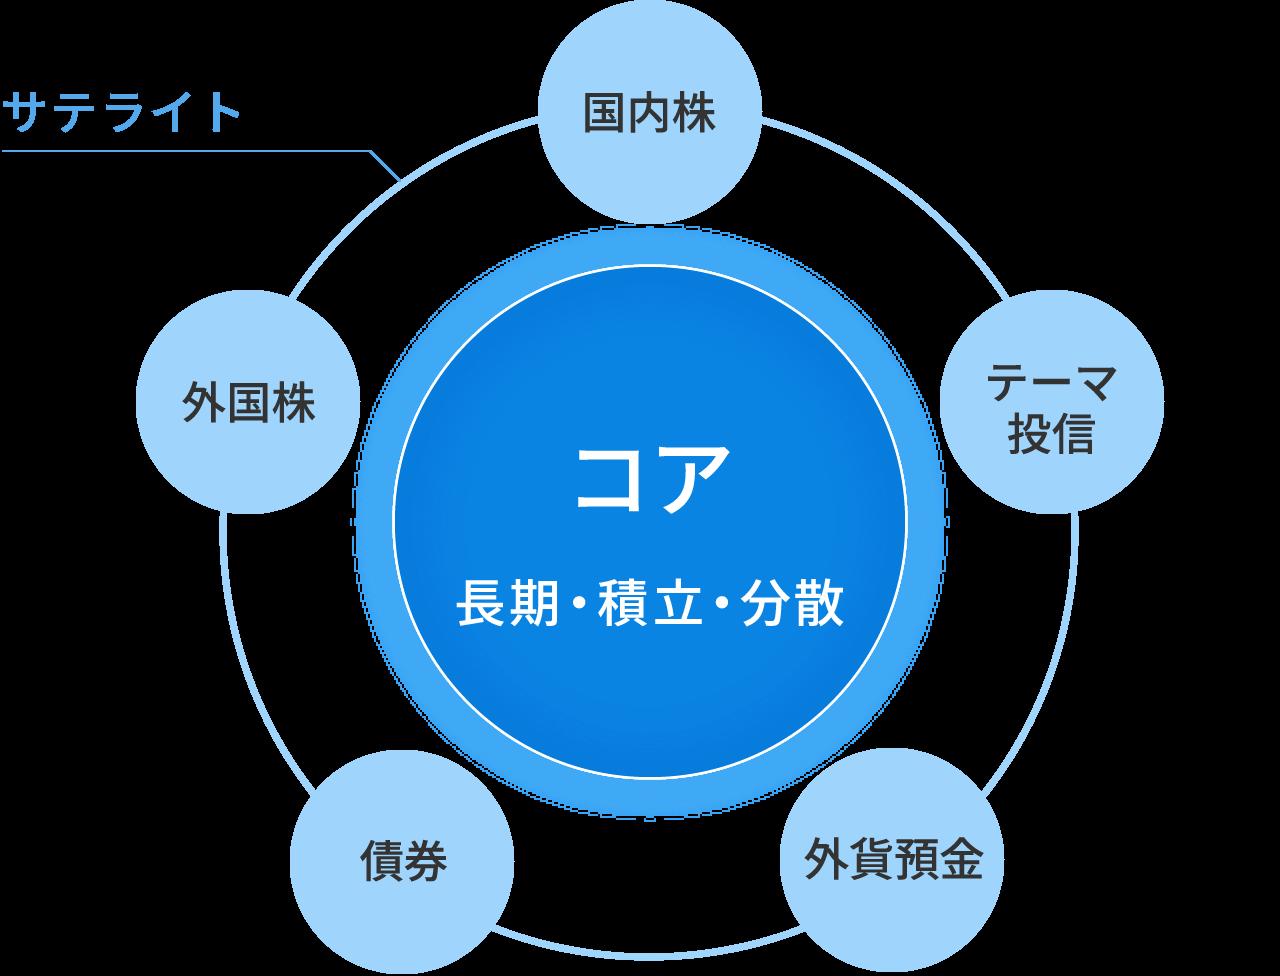 コア・サテライト戦略のイメージ図